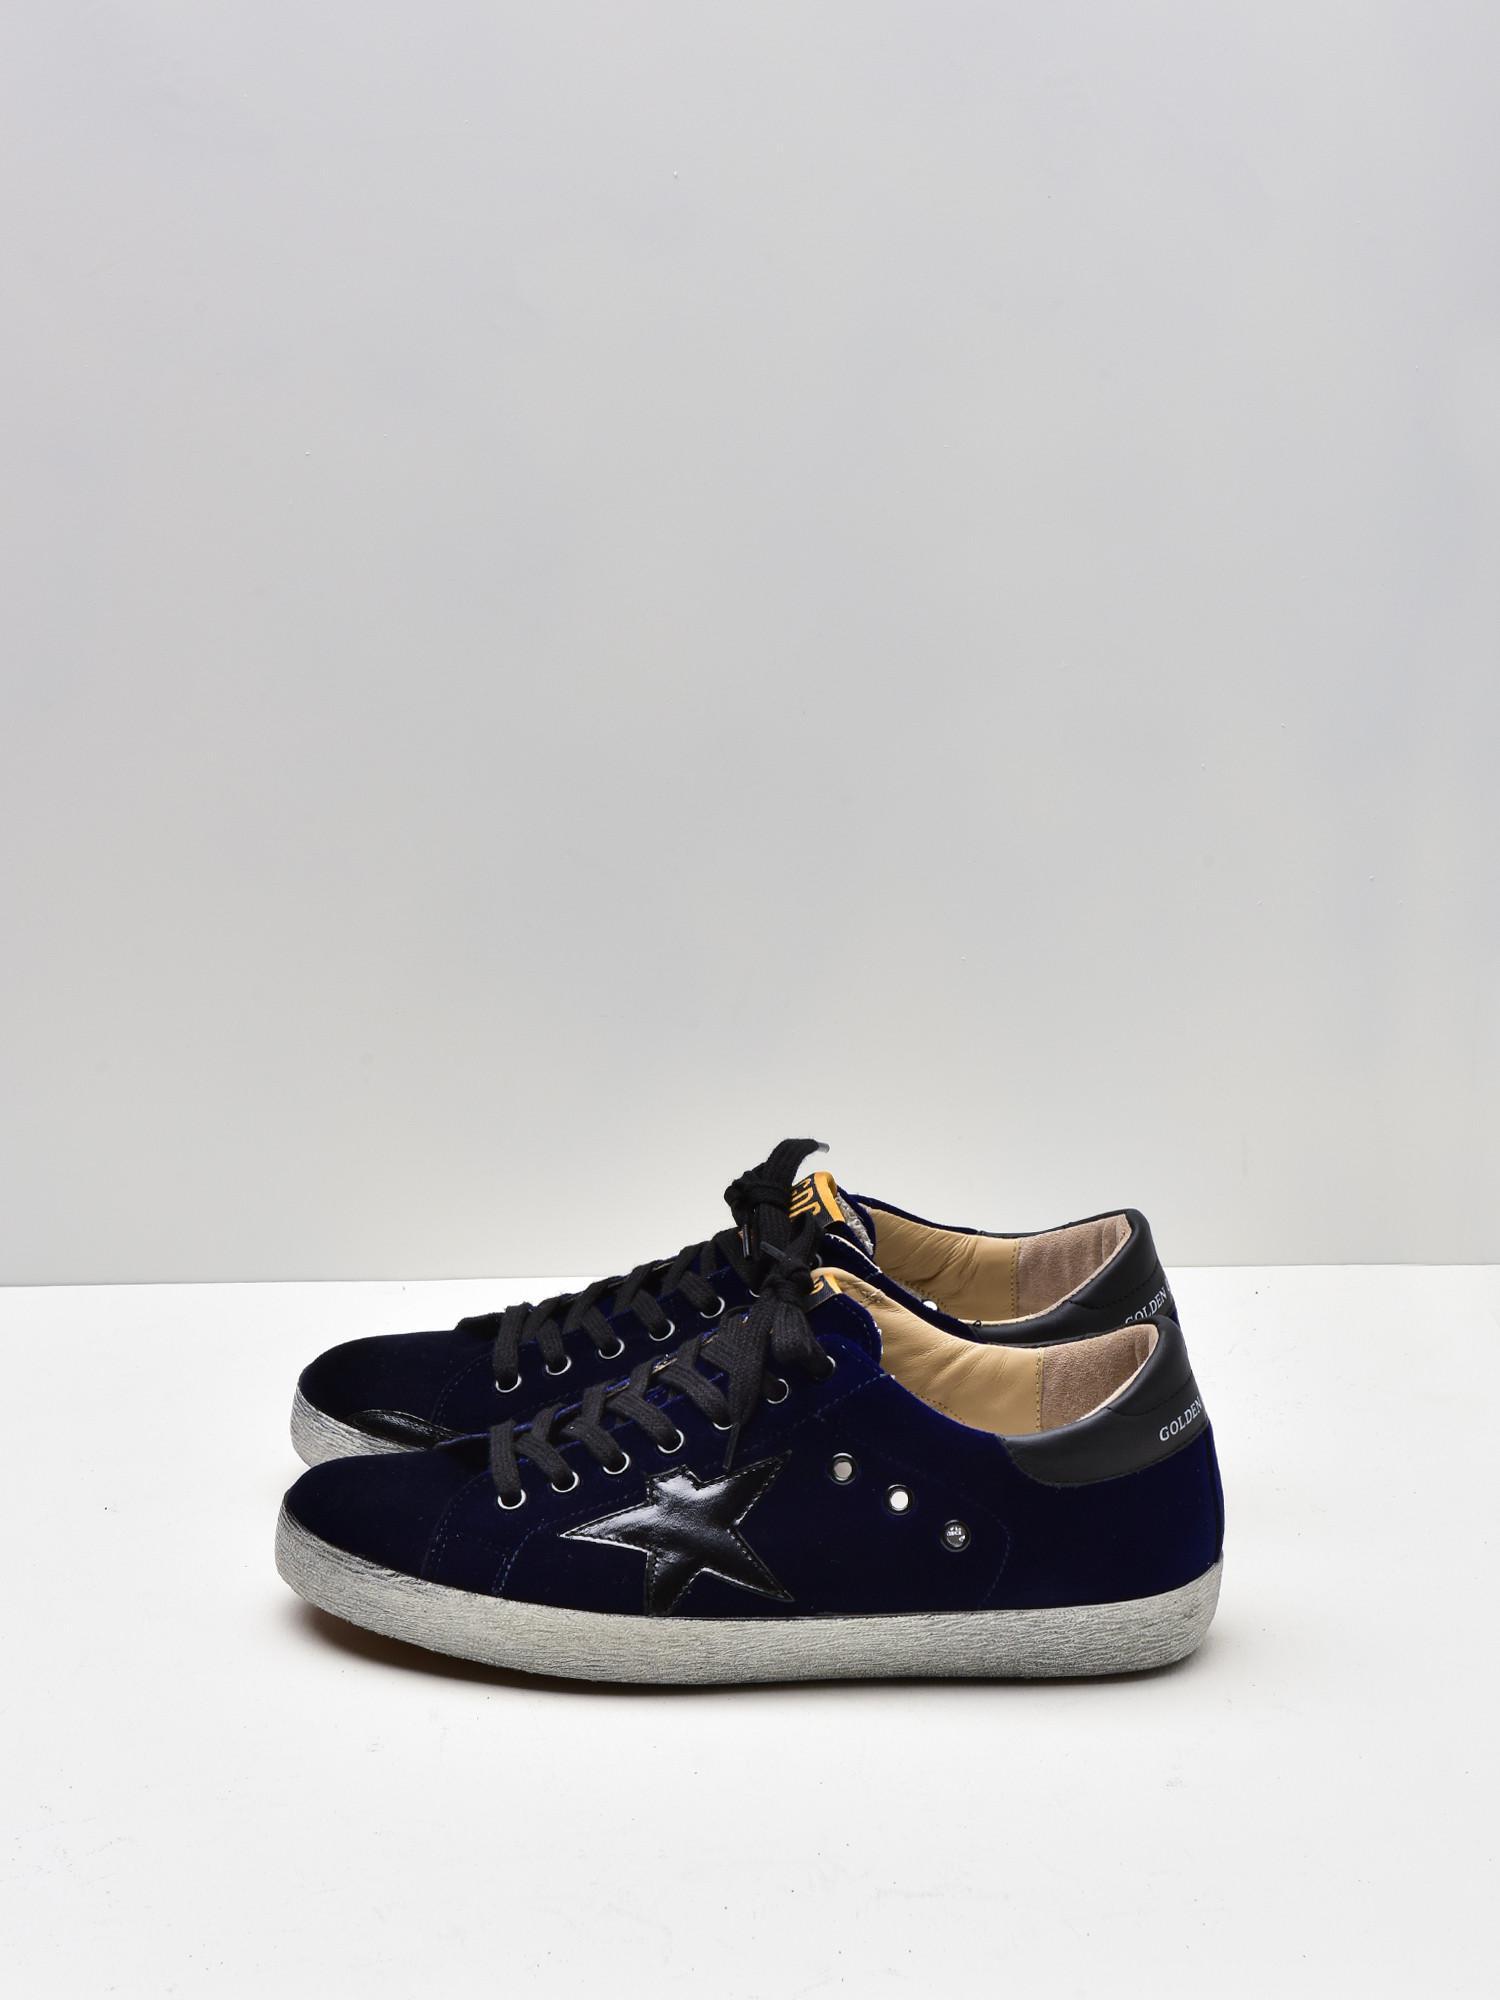 4d56d09d2623 Lyst - Golden Goose Deluxe Brand M sneakers Superstar in Blue for Men